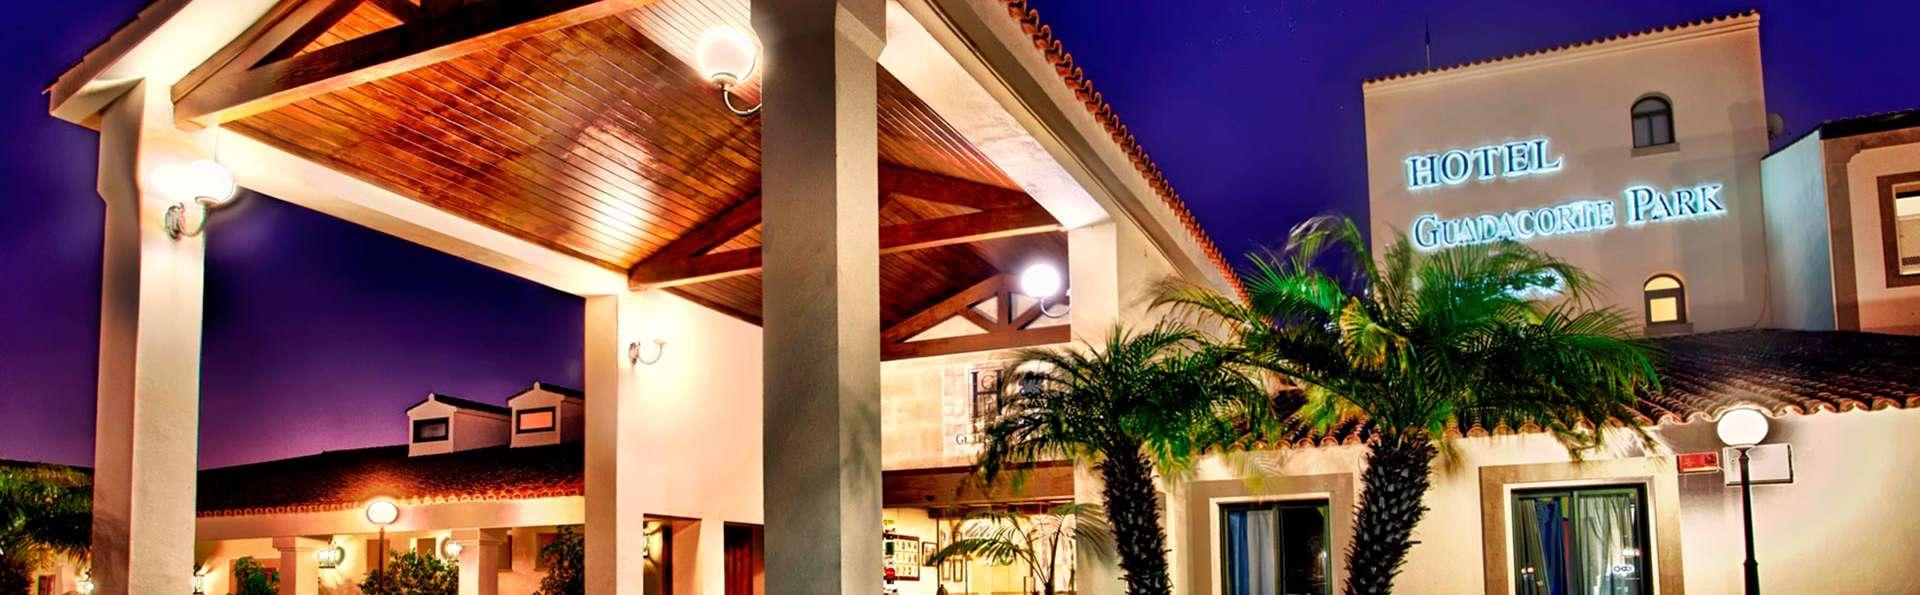 Hotel Guadacorte Park - edit_Entrada_hotel_nocturna_color_saturado.jpg